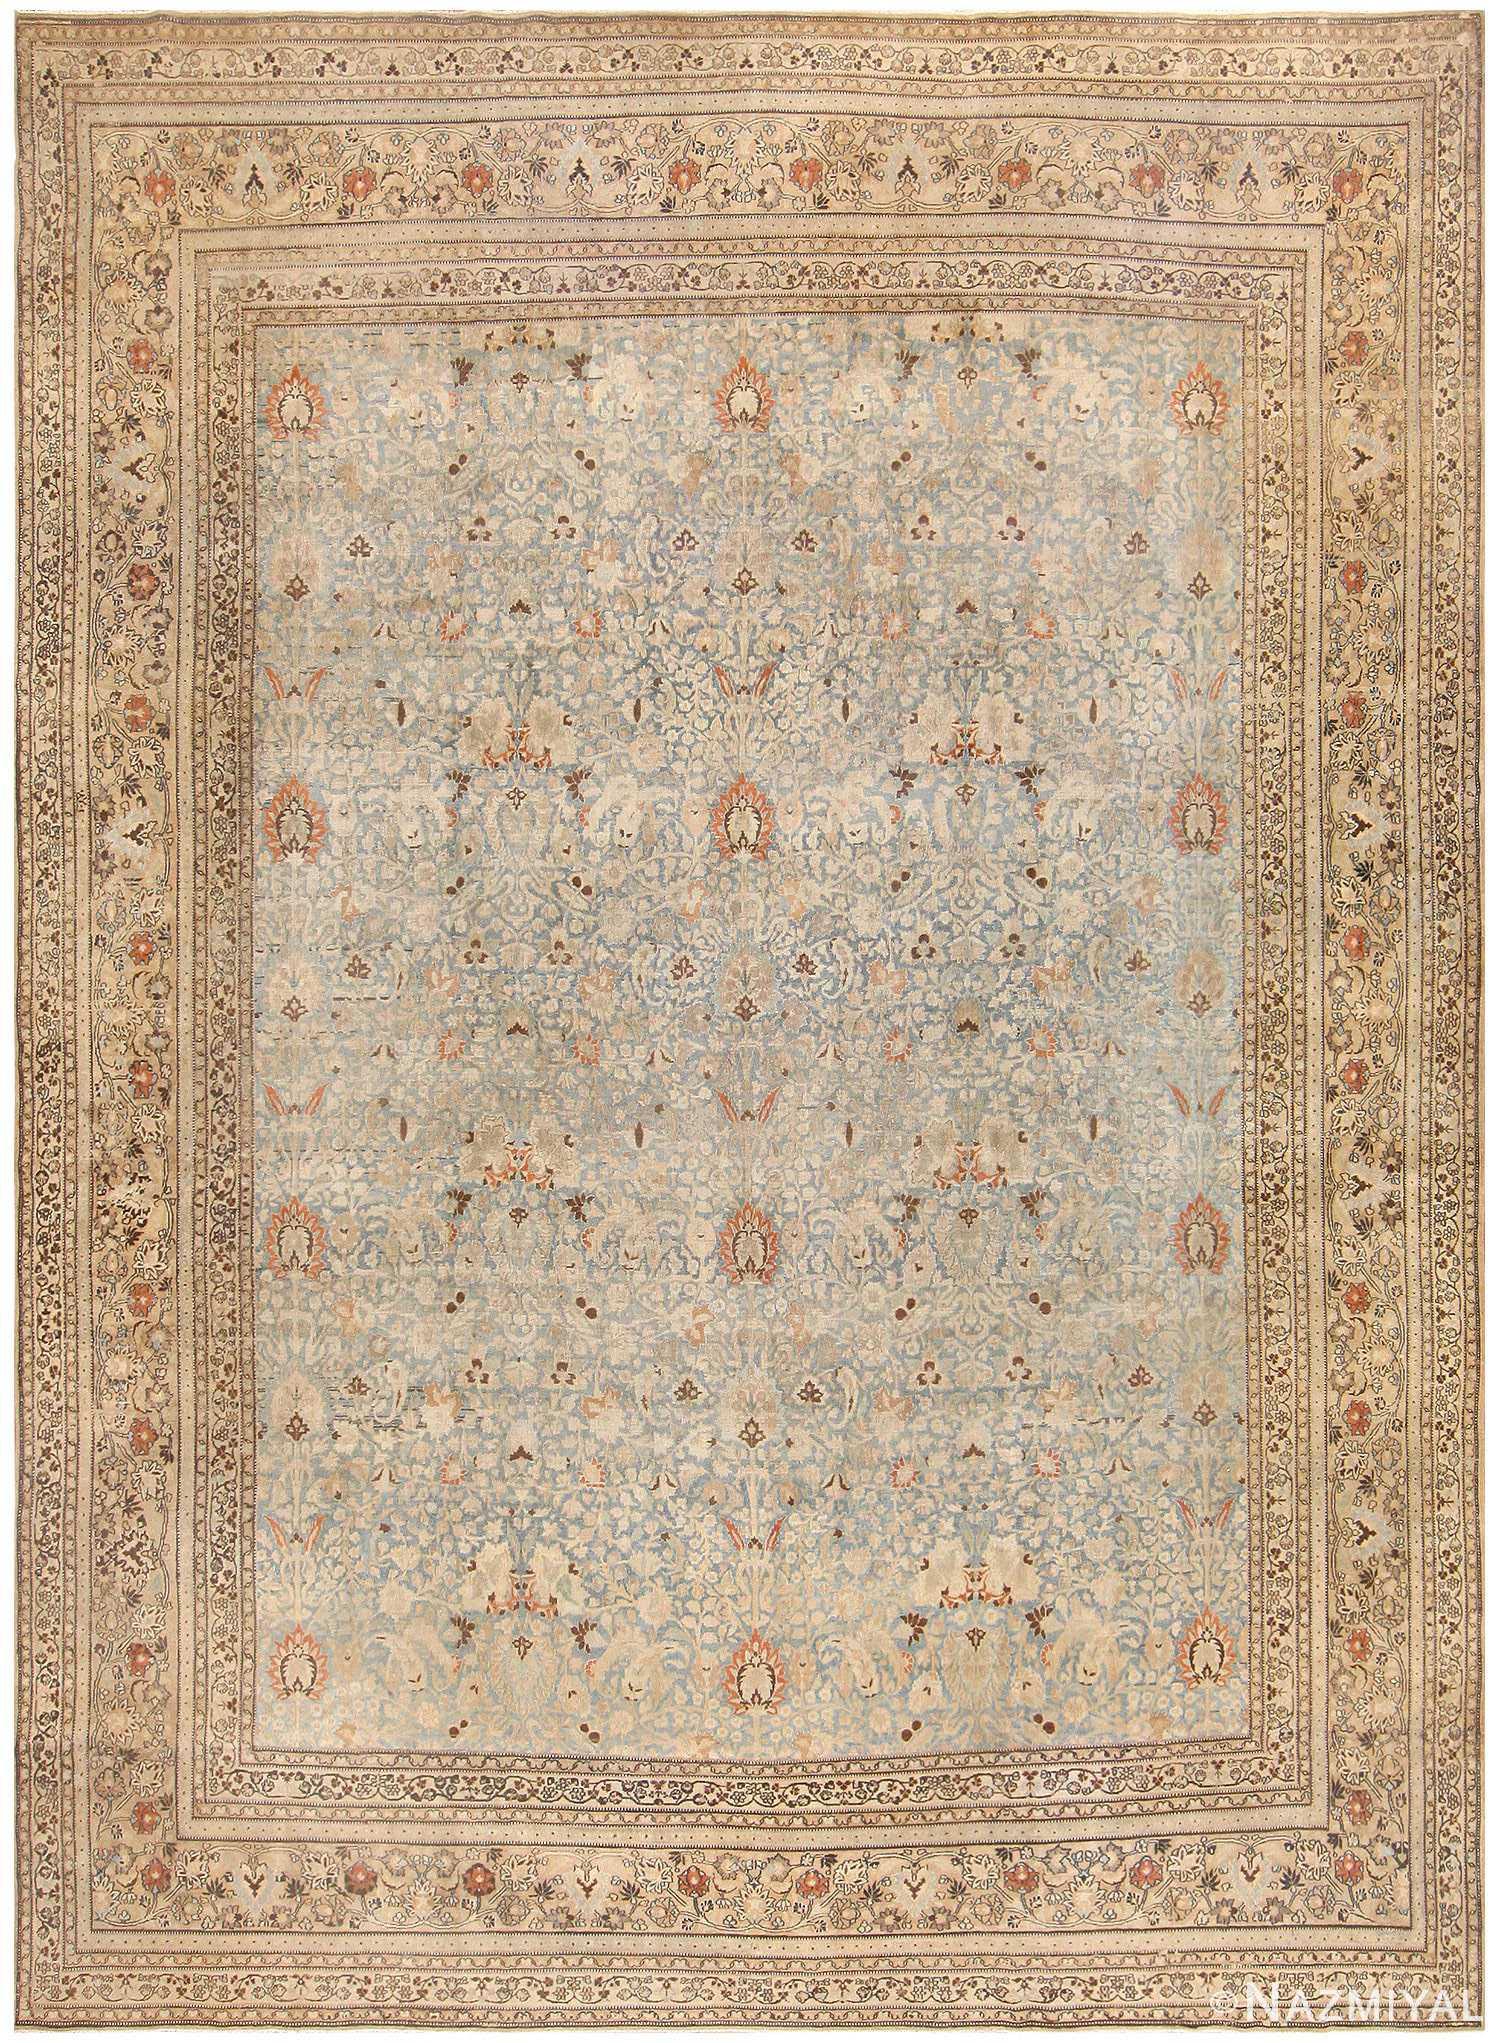 Antique Khorassan Persian Carpet 46929 Nazmiyal